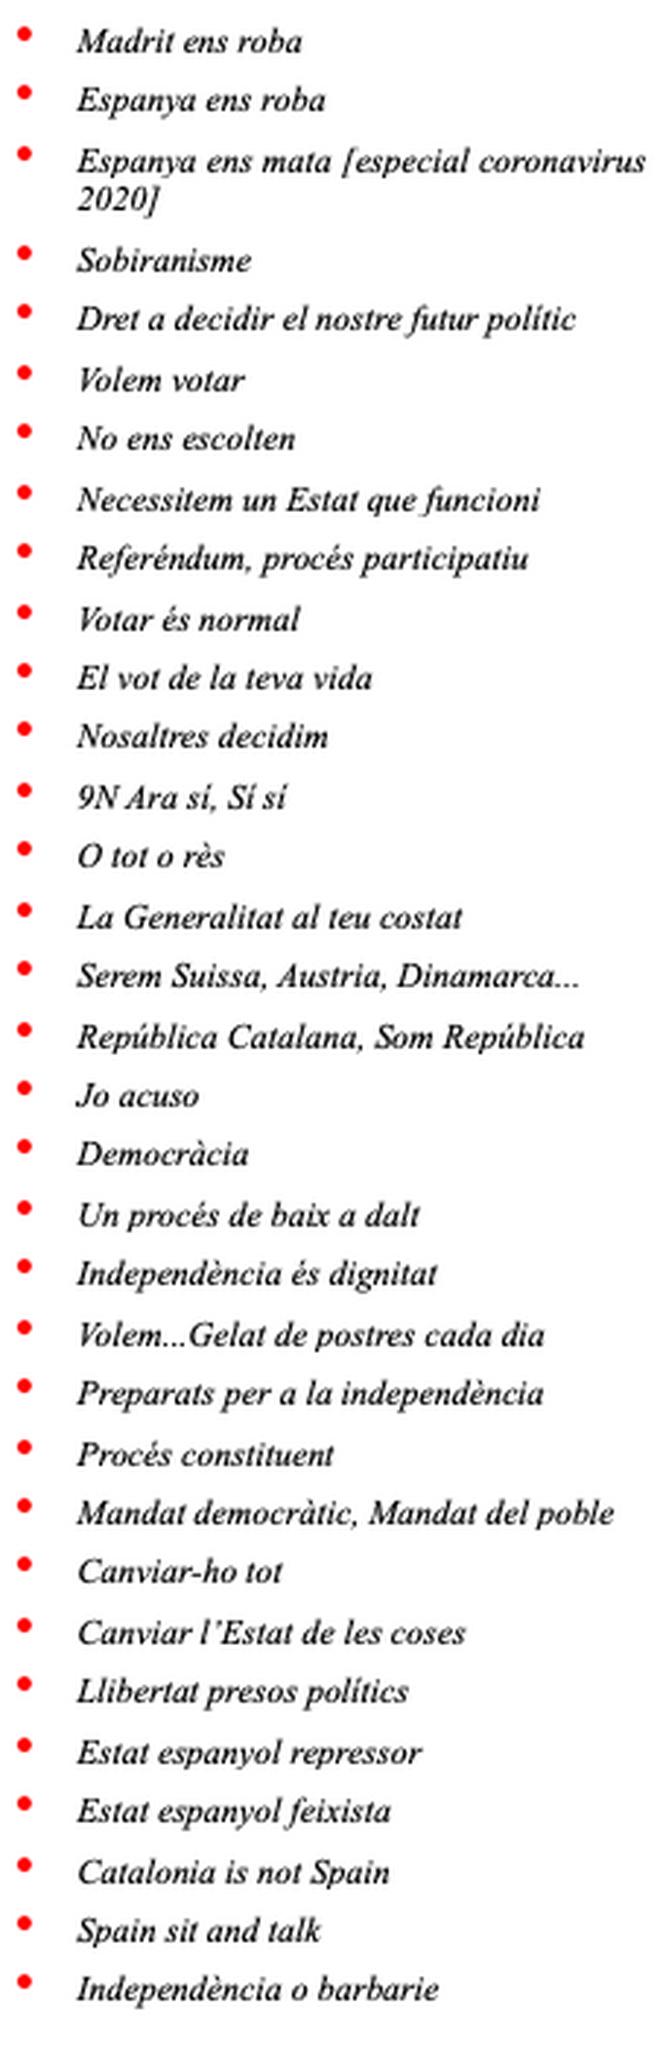 Tabla 1. Algunos términos, lemas y ocurrencias de la propaganda separatista